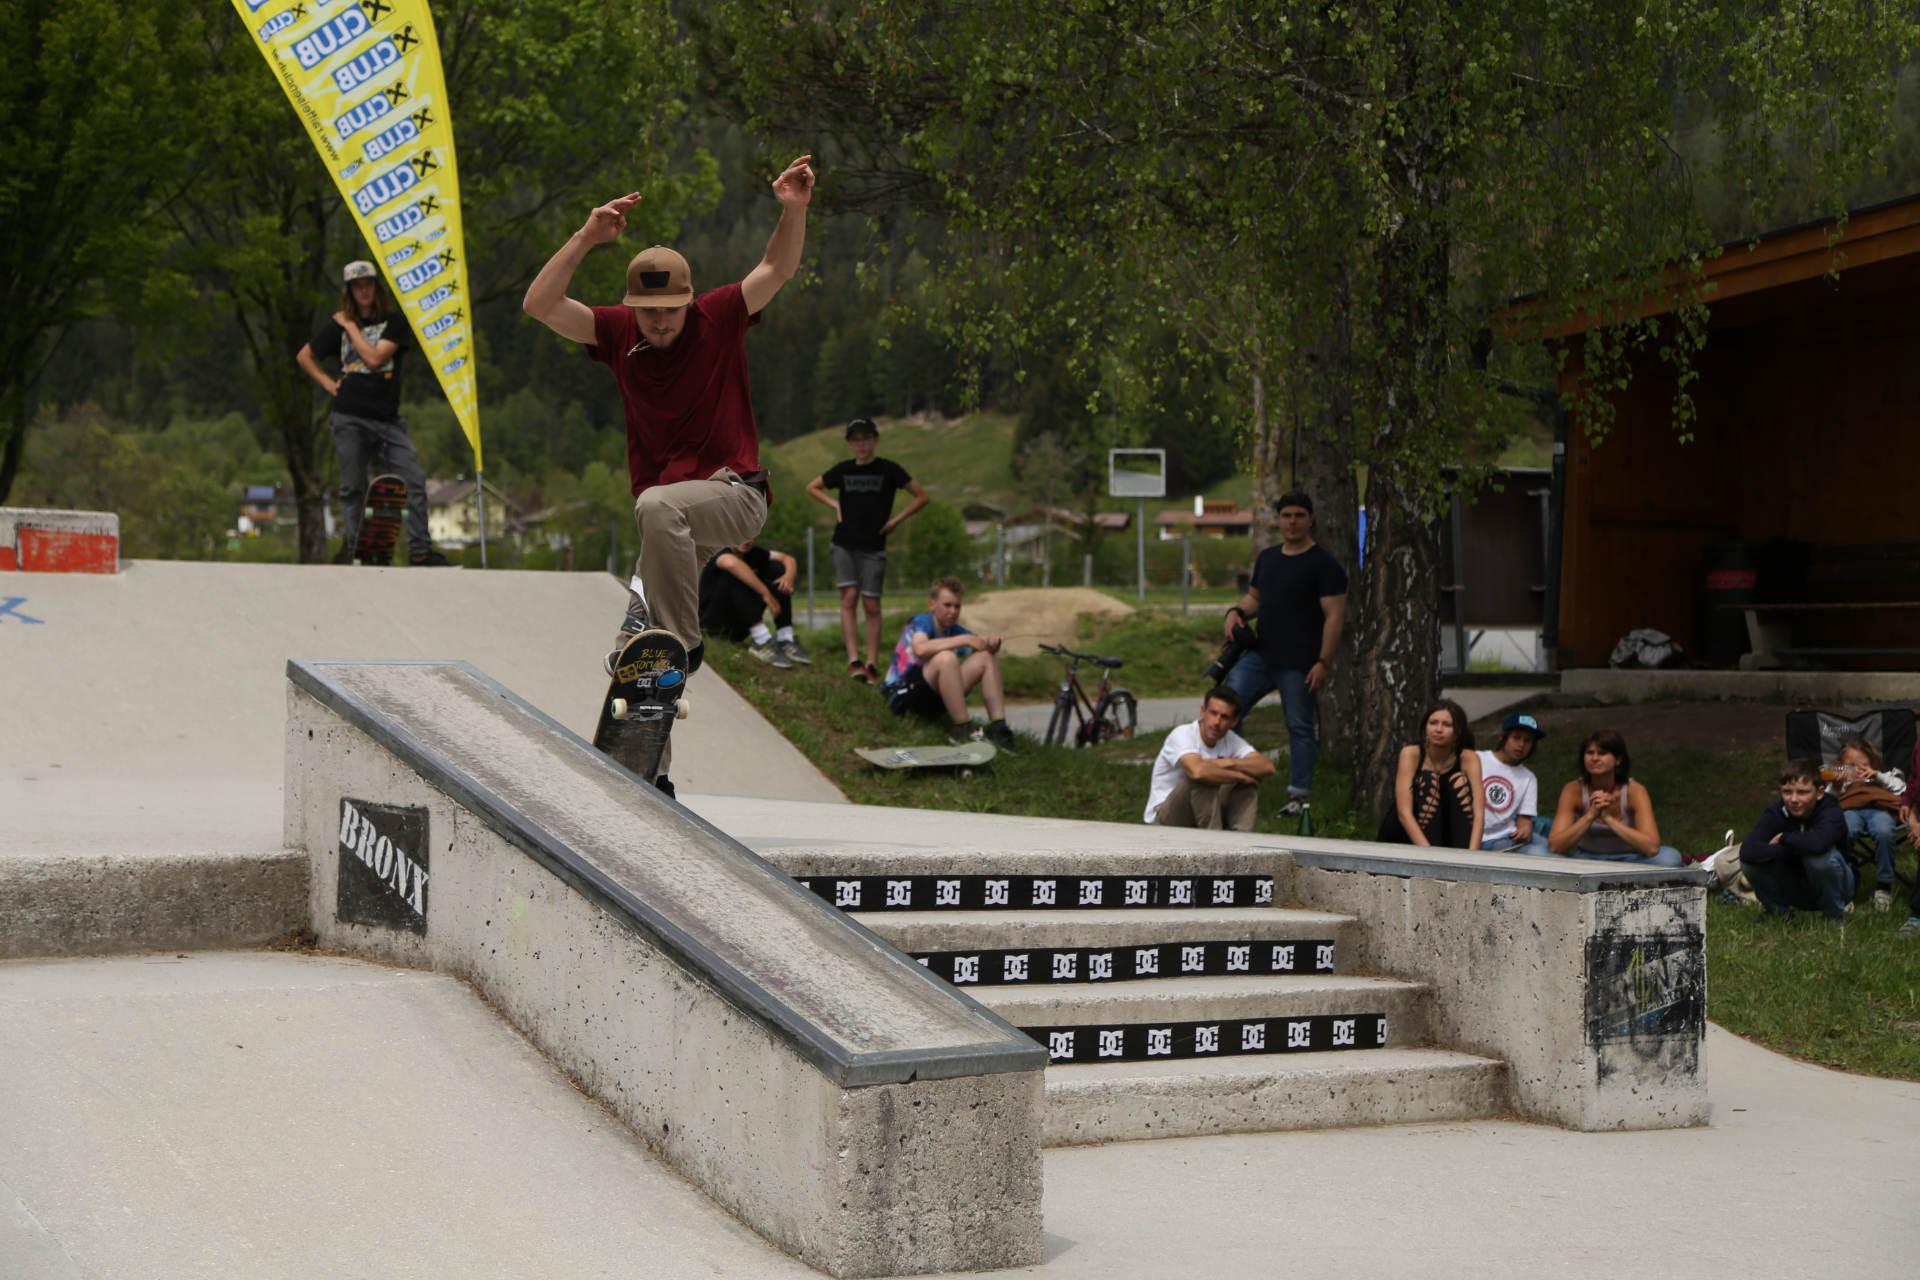 skateboard headz fieberbrunn kgt kitz gau trophy 2019 saalfelden hell00033